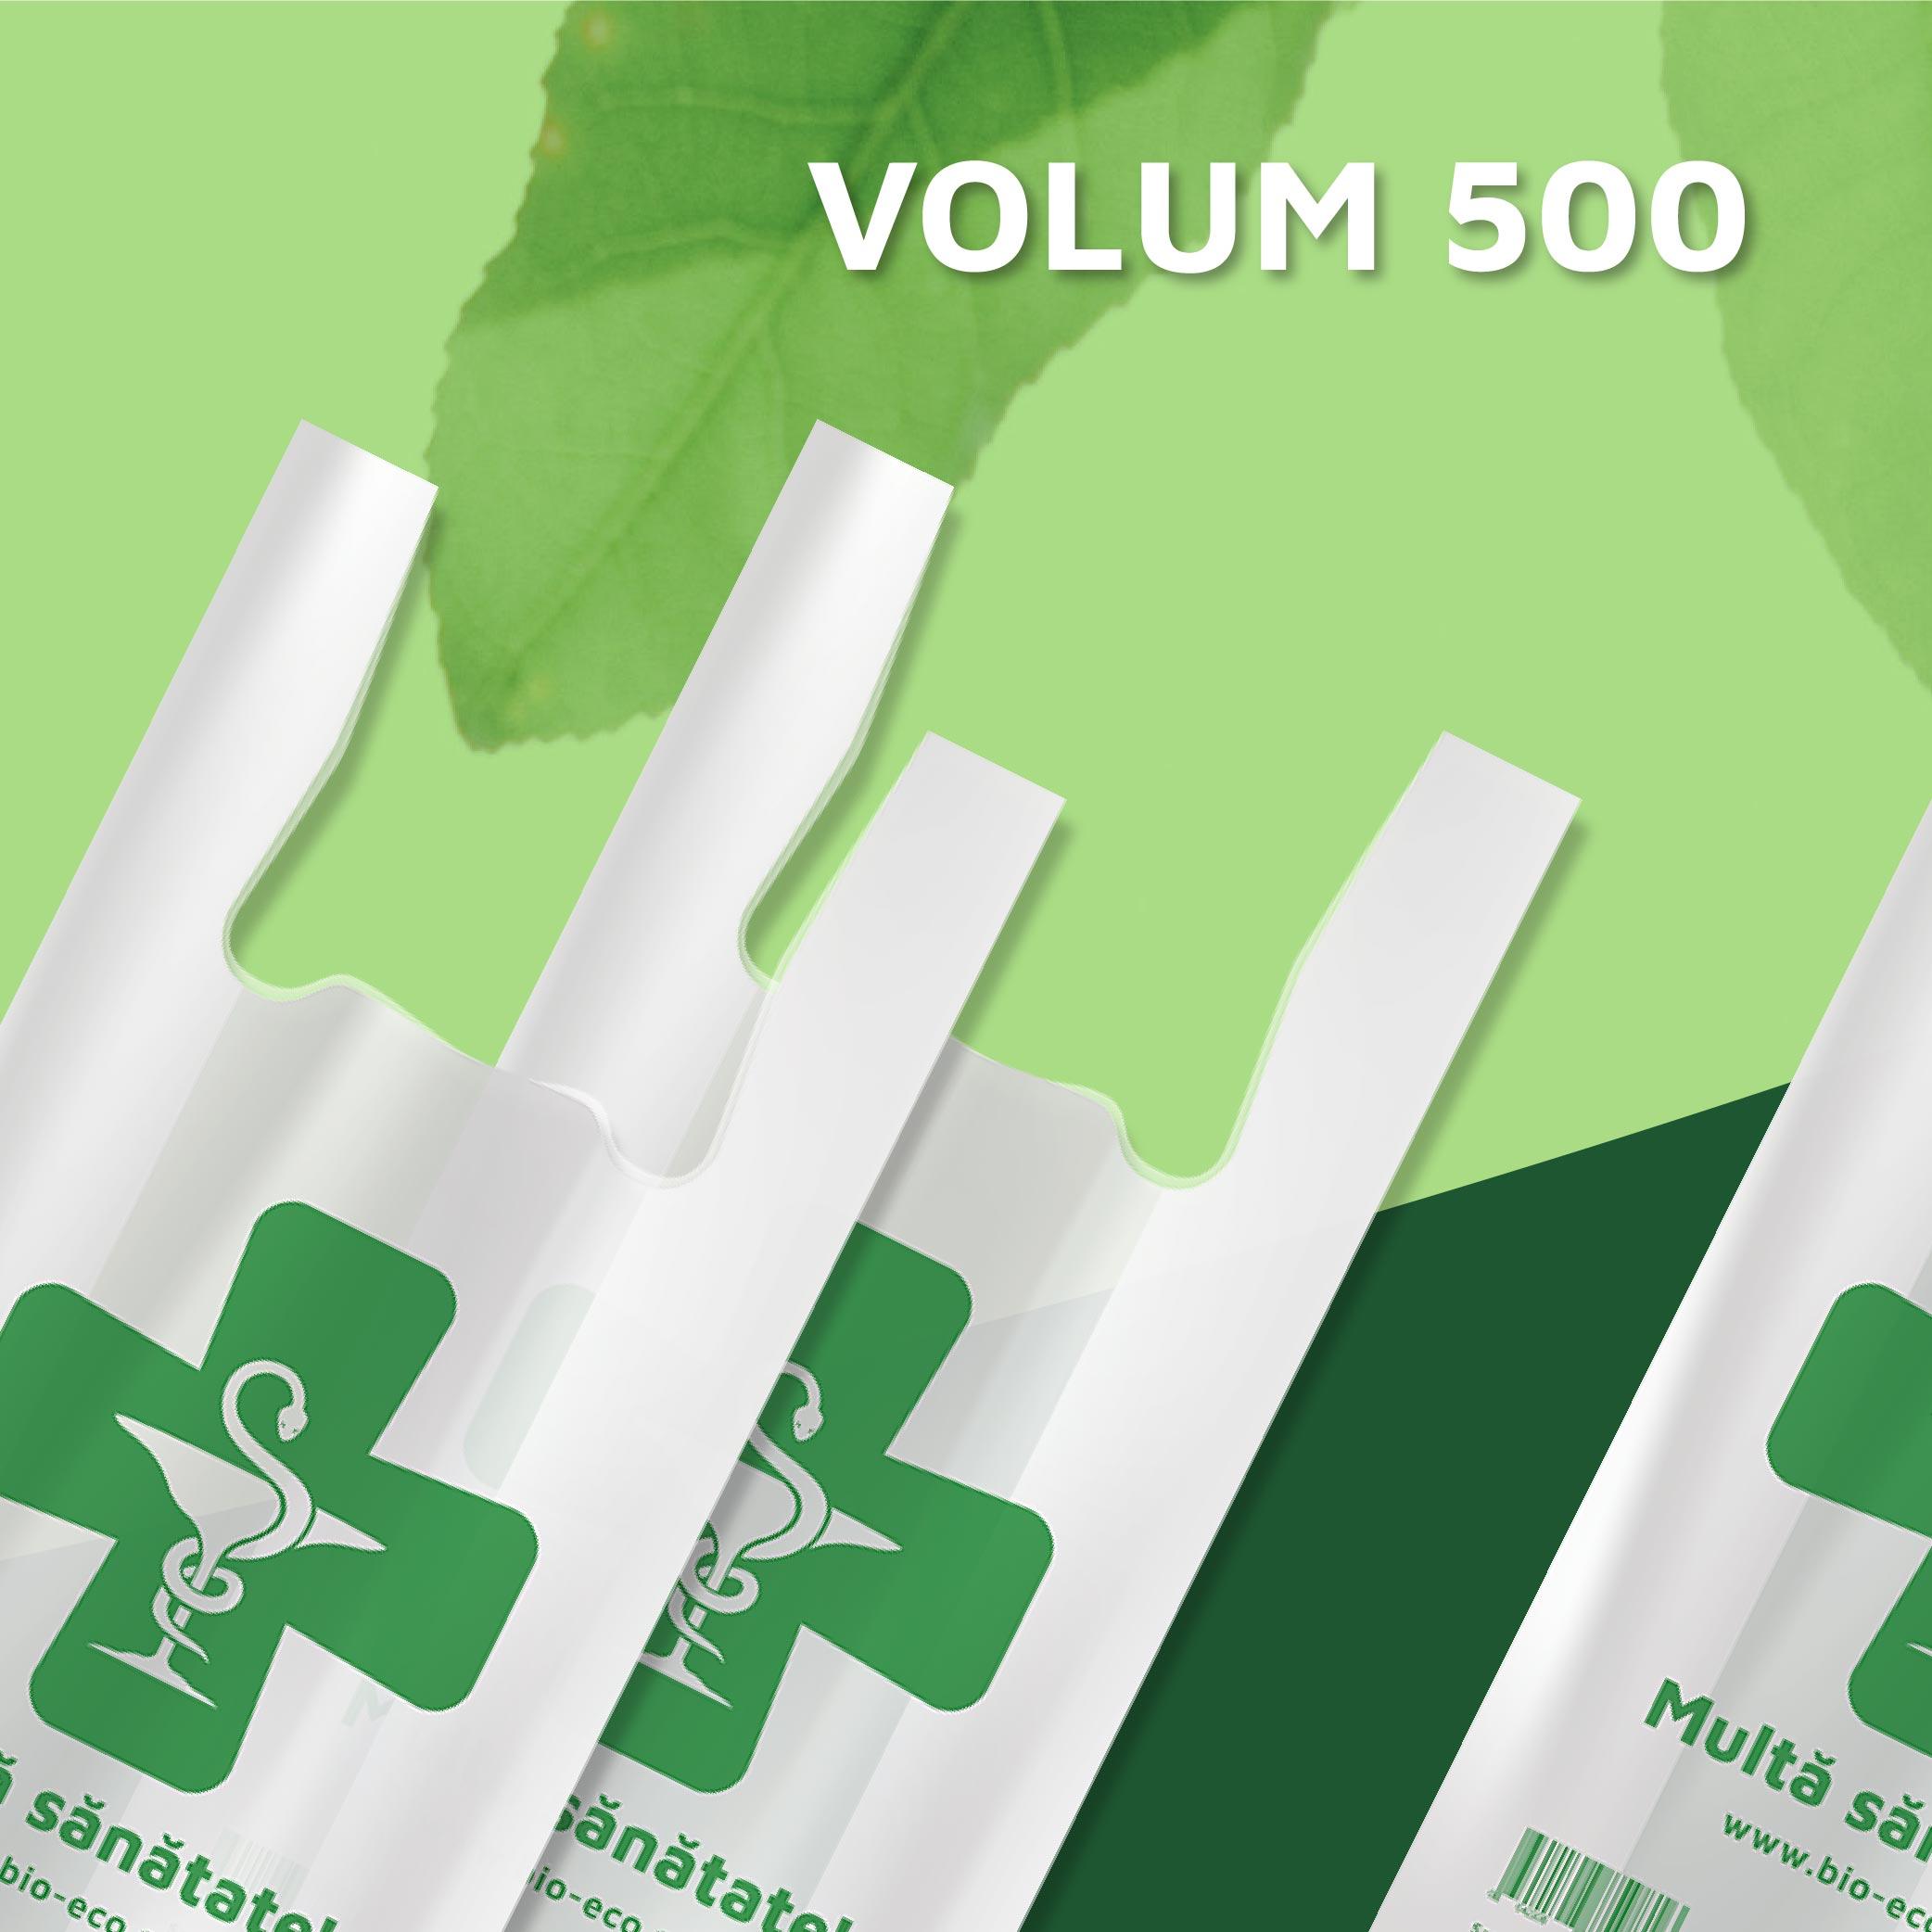 VOLUM XL 500